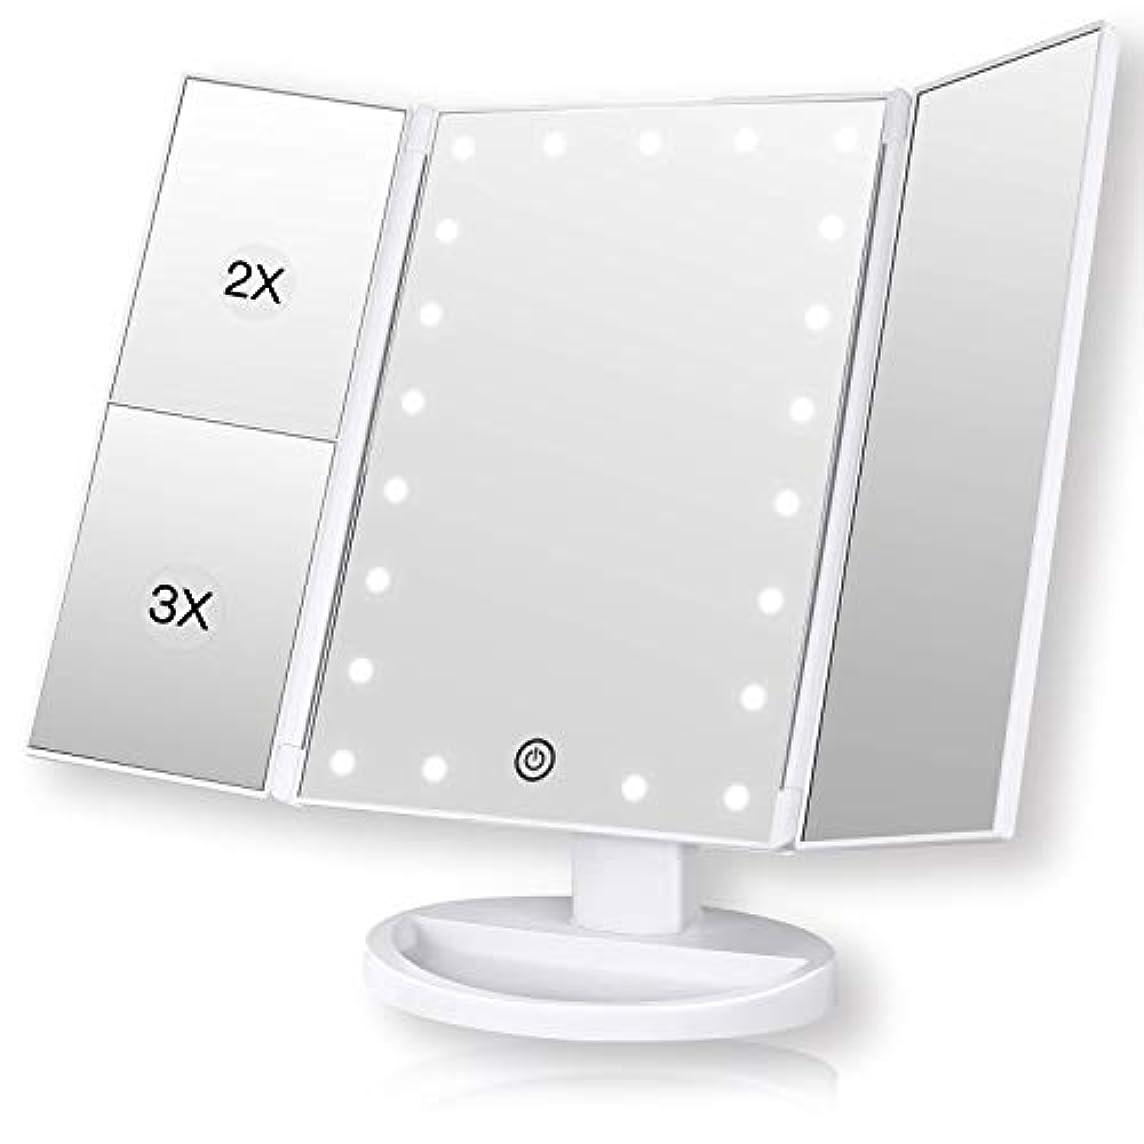 子供達チェリーやけどROZZERMAN 化粧鏡 卓上ミラー 三面鏡 ledライト 女優ミラー 折りたたみ 持ち運び 拡大鏡 2倍 3倍 角度調整